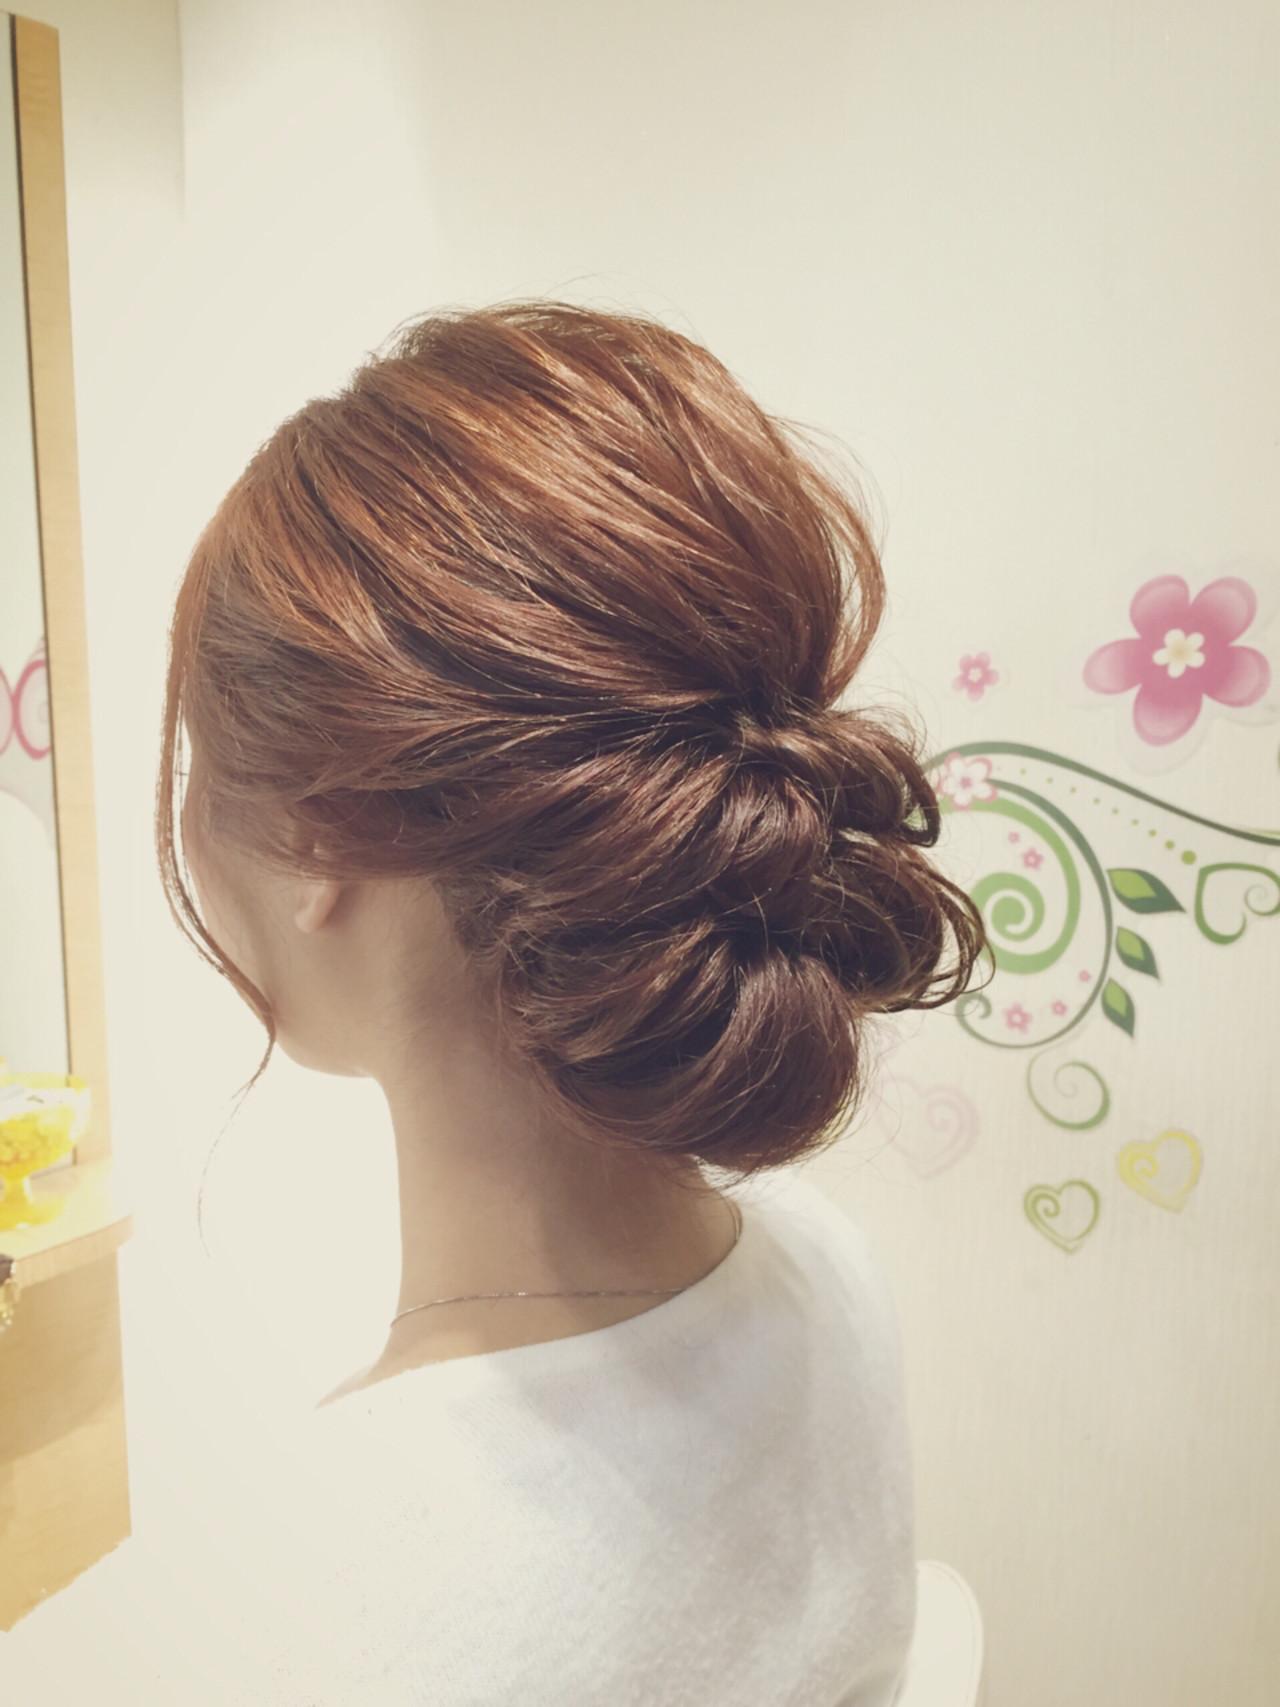 大人かわいい ヘアアレンジ ロング ギブソンタック ヘアスタイルや髪型の写真・画像